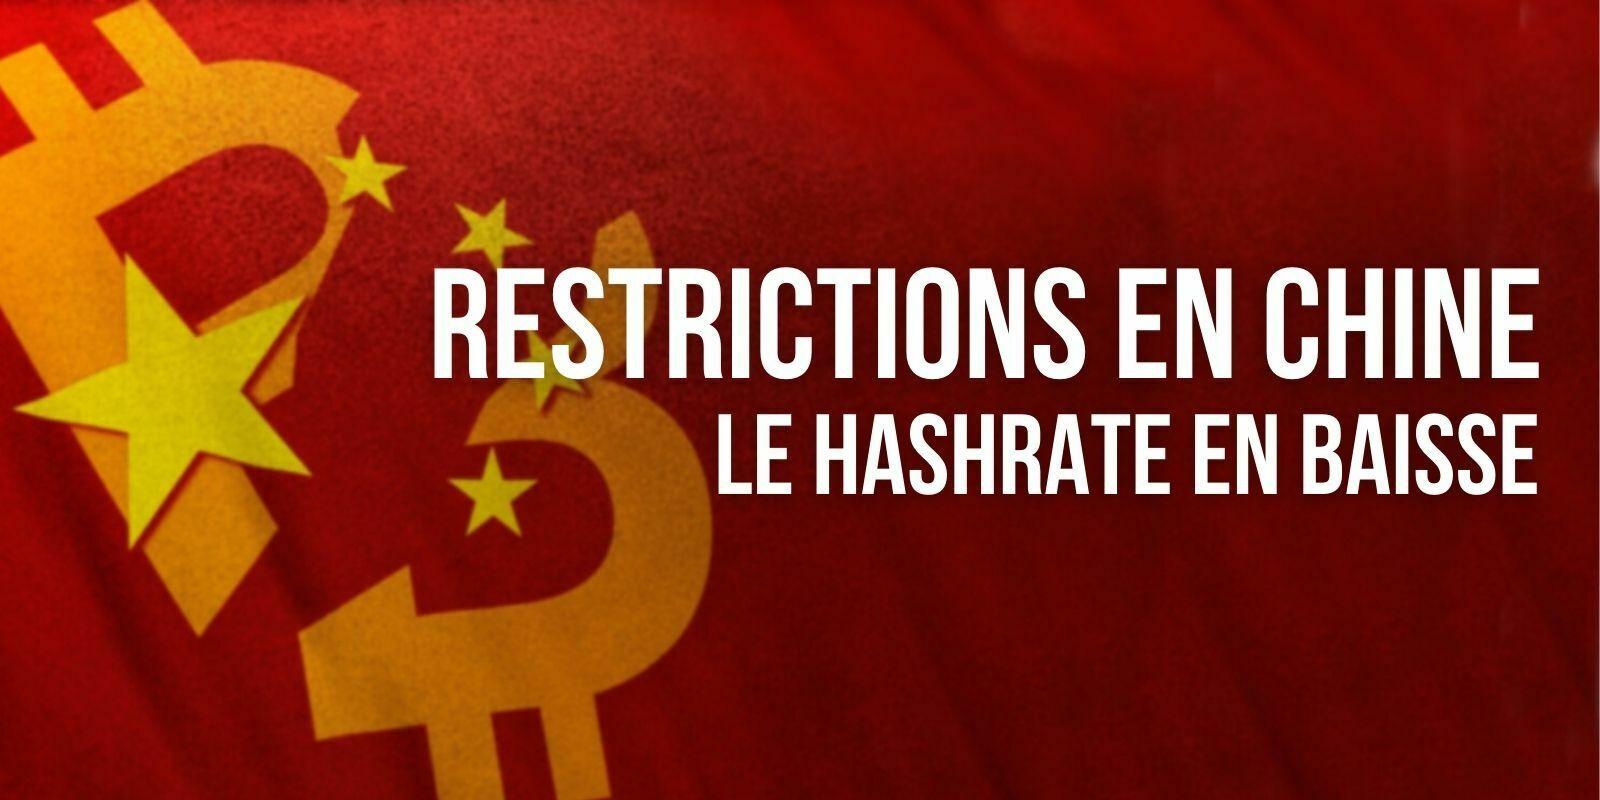 Le hashrate du Bitcoin (BTC) baisse de -24% suite à la répression du mining au Sichuan